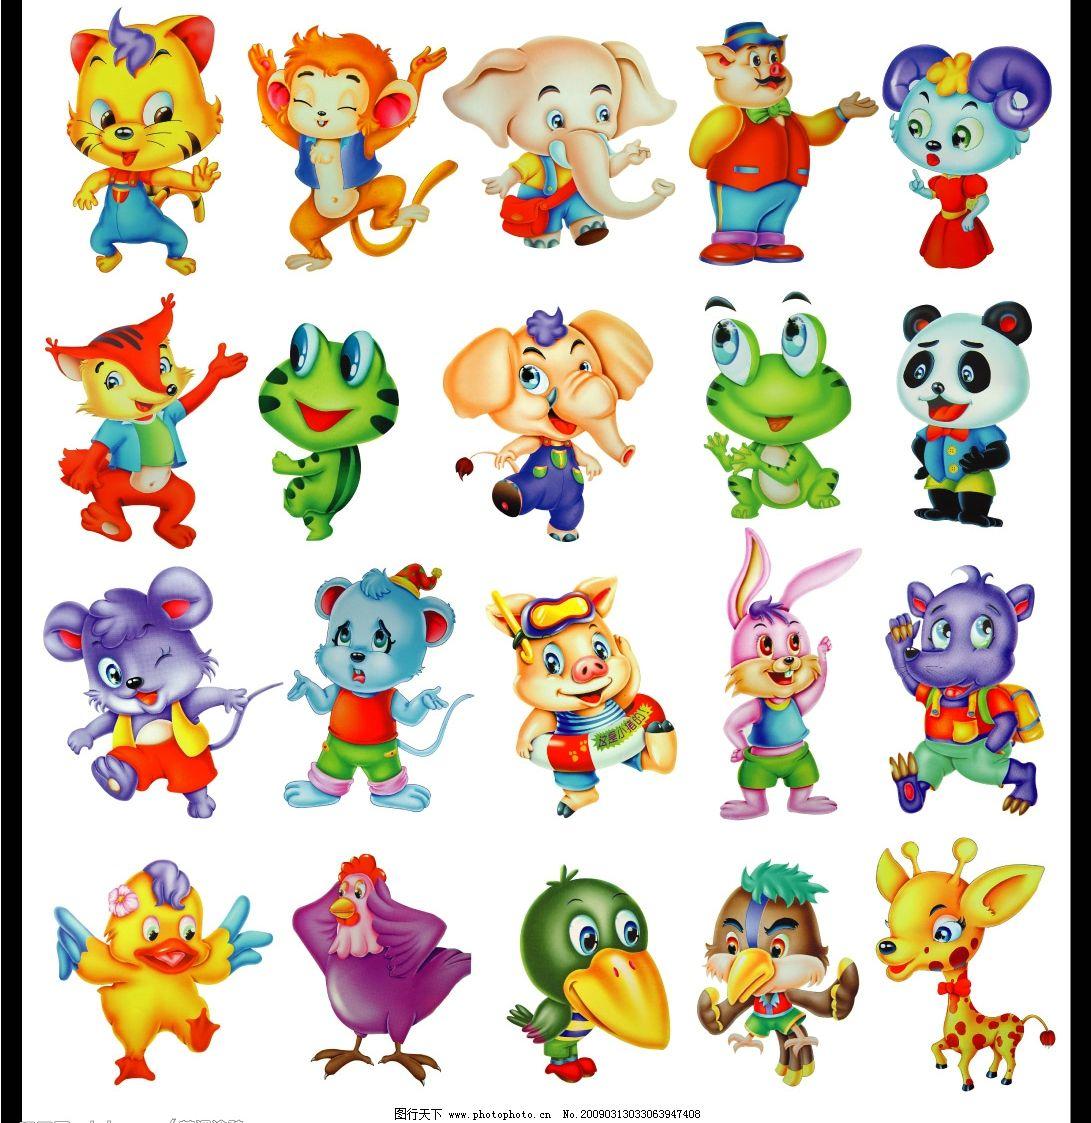 卡通 动物 生肖 十二生肖 可爱动物 动物表情 猫 猴 象 猪 羊 狐狸 青